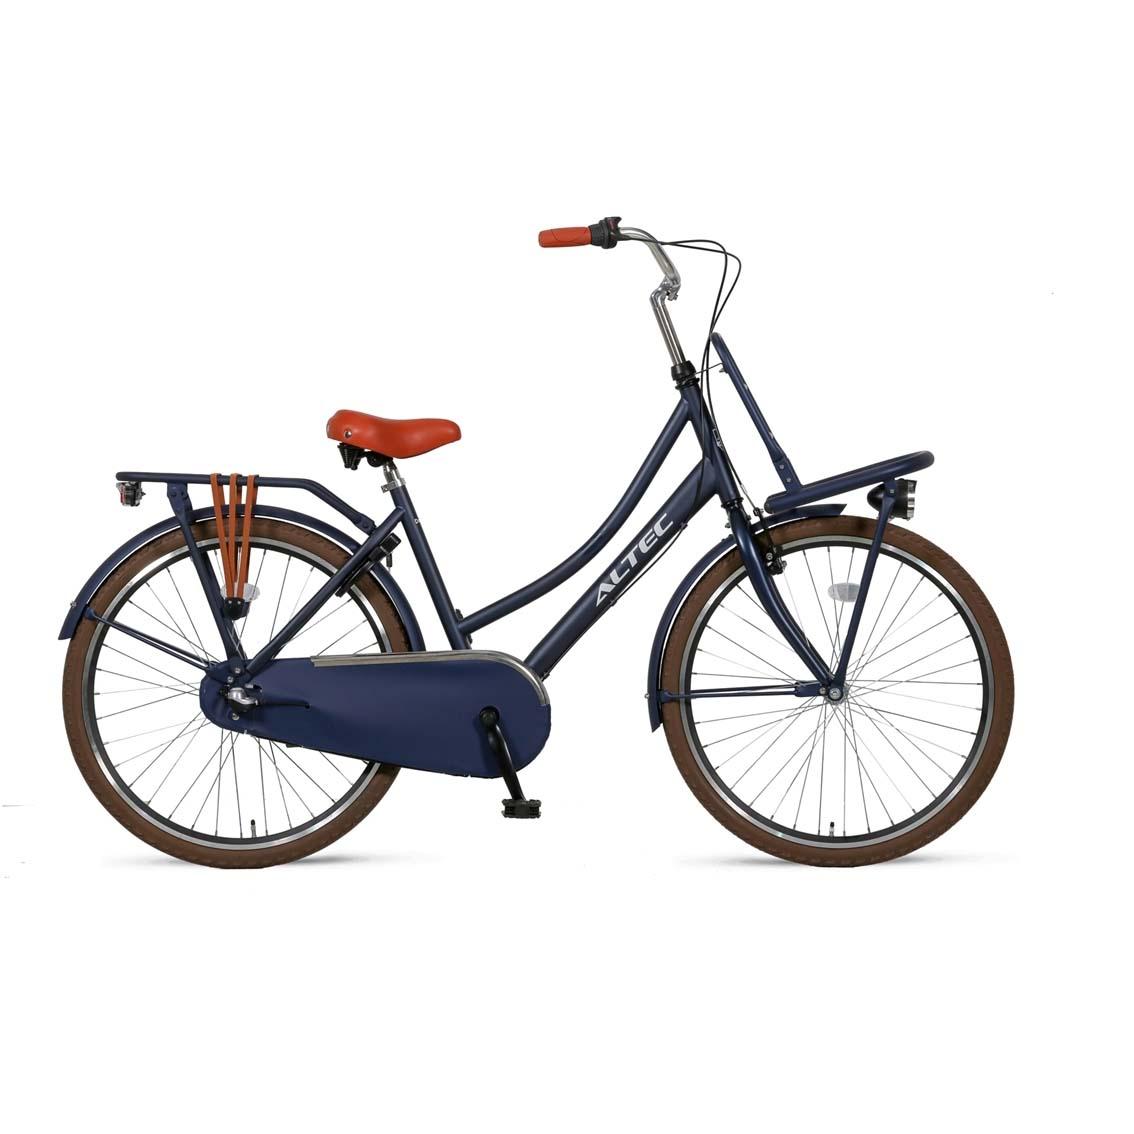 Altec-Dutch-26inch-Transportfiets-Jeans-Blue-2019 copy